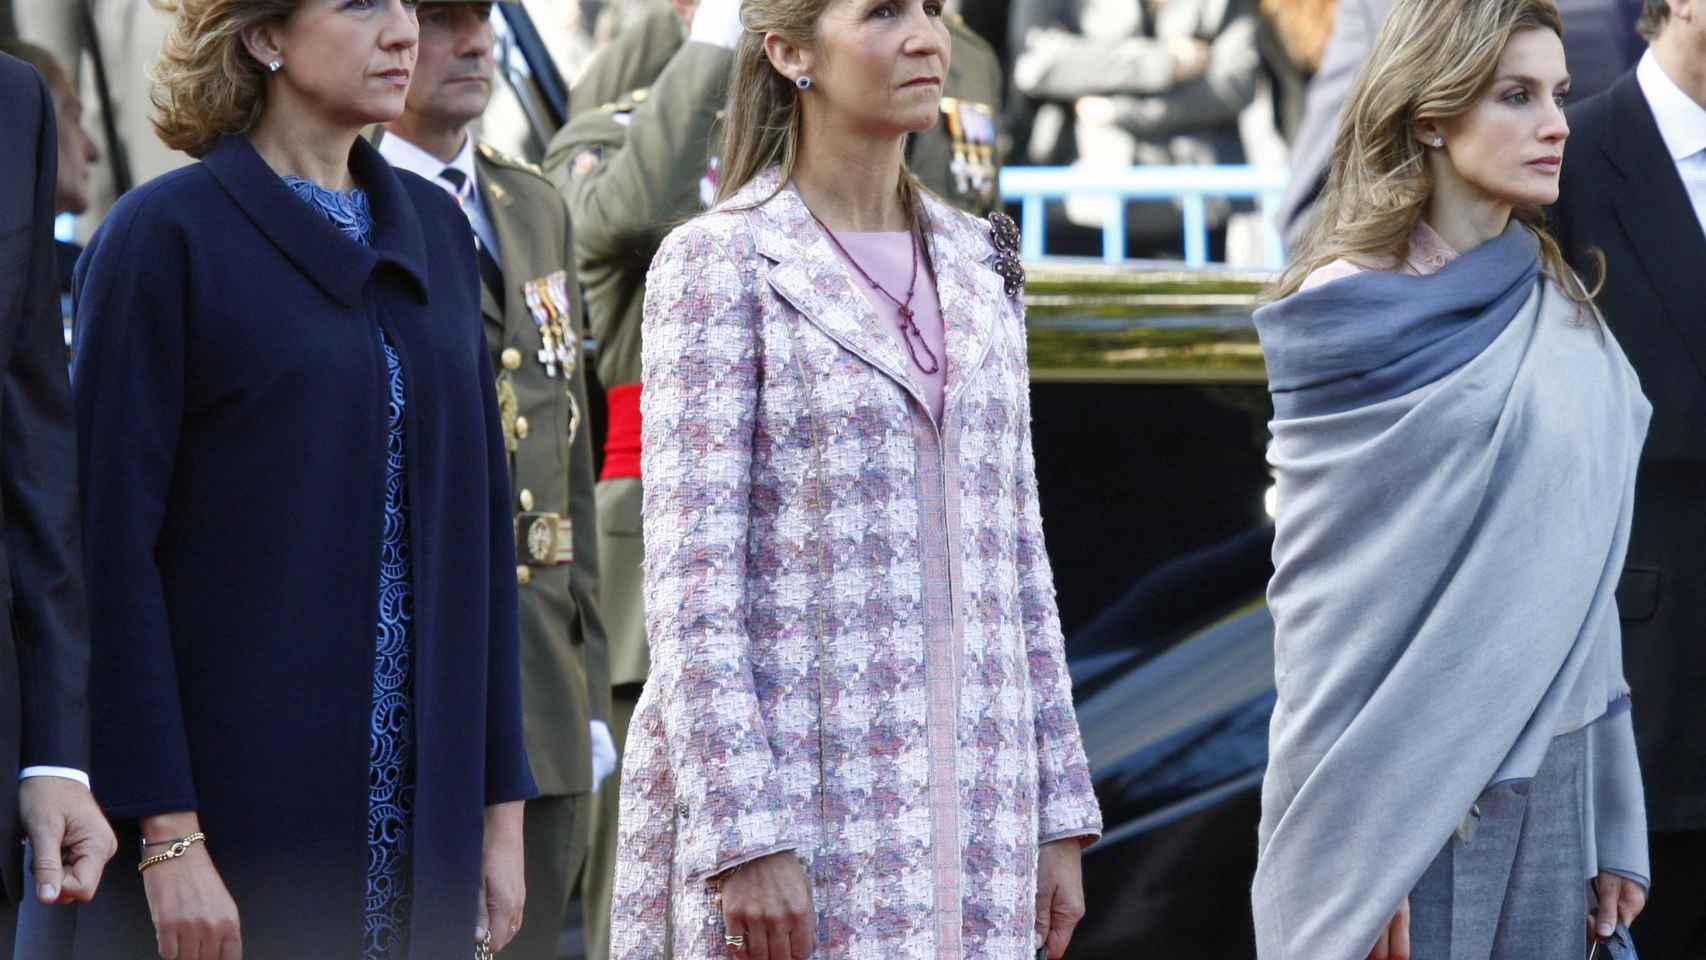 Las Infantas Cristina y Elena junto a Doña Letizia en el Día de la Hispanidad